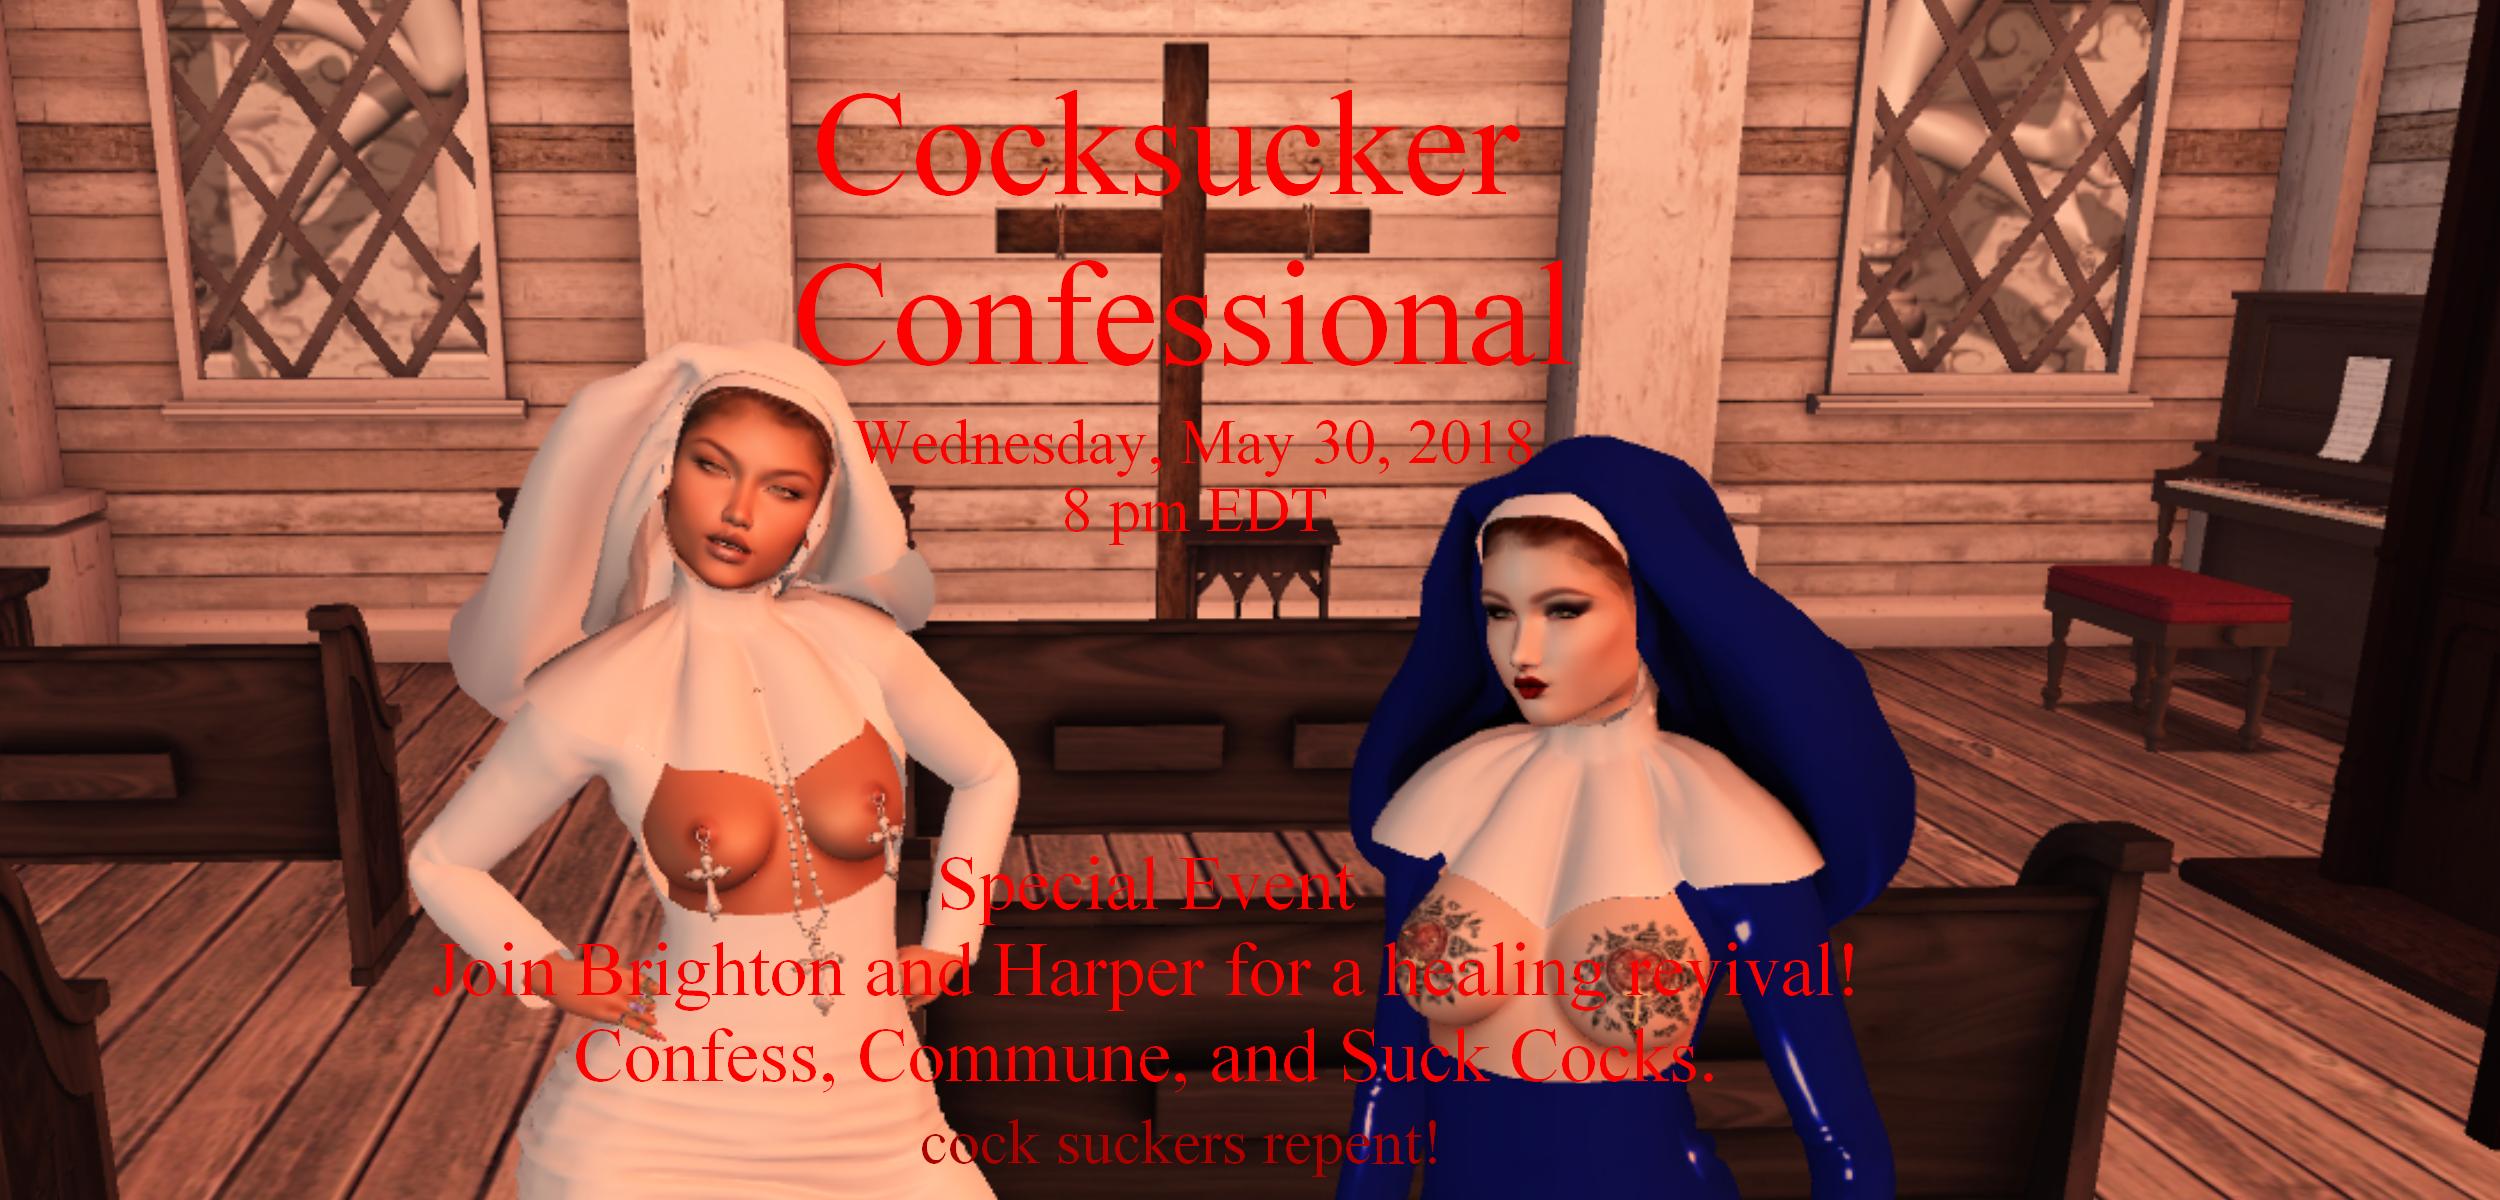 cocksucker confessional advert 800 539 4566